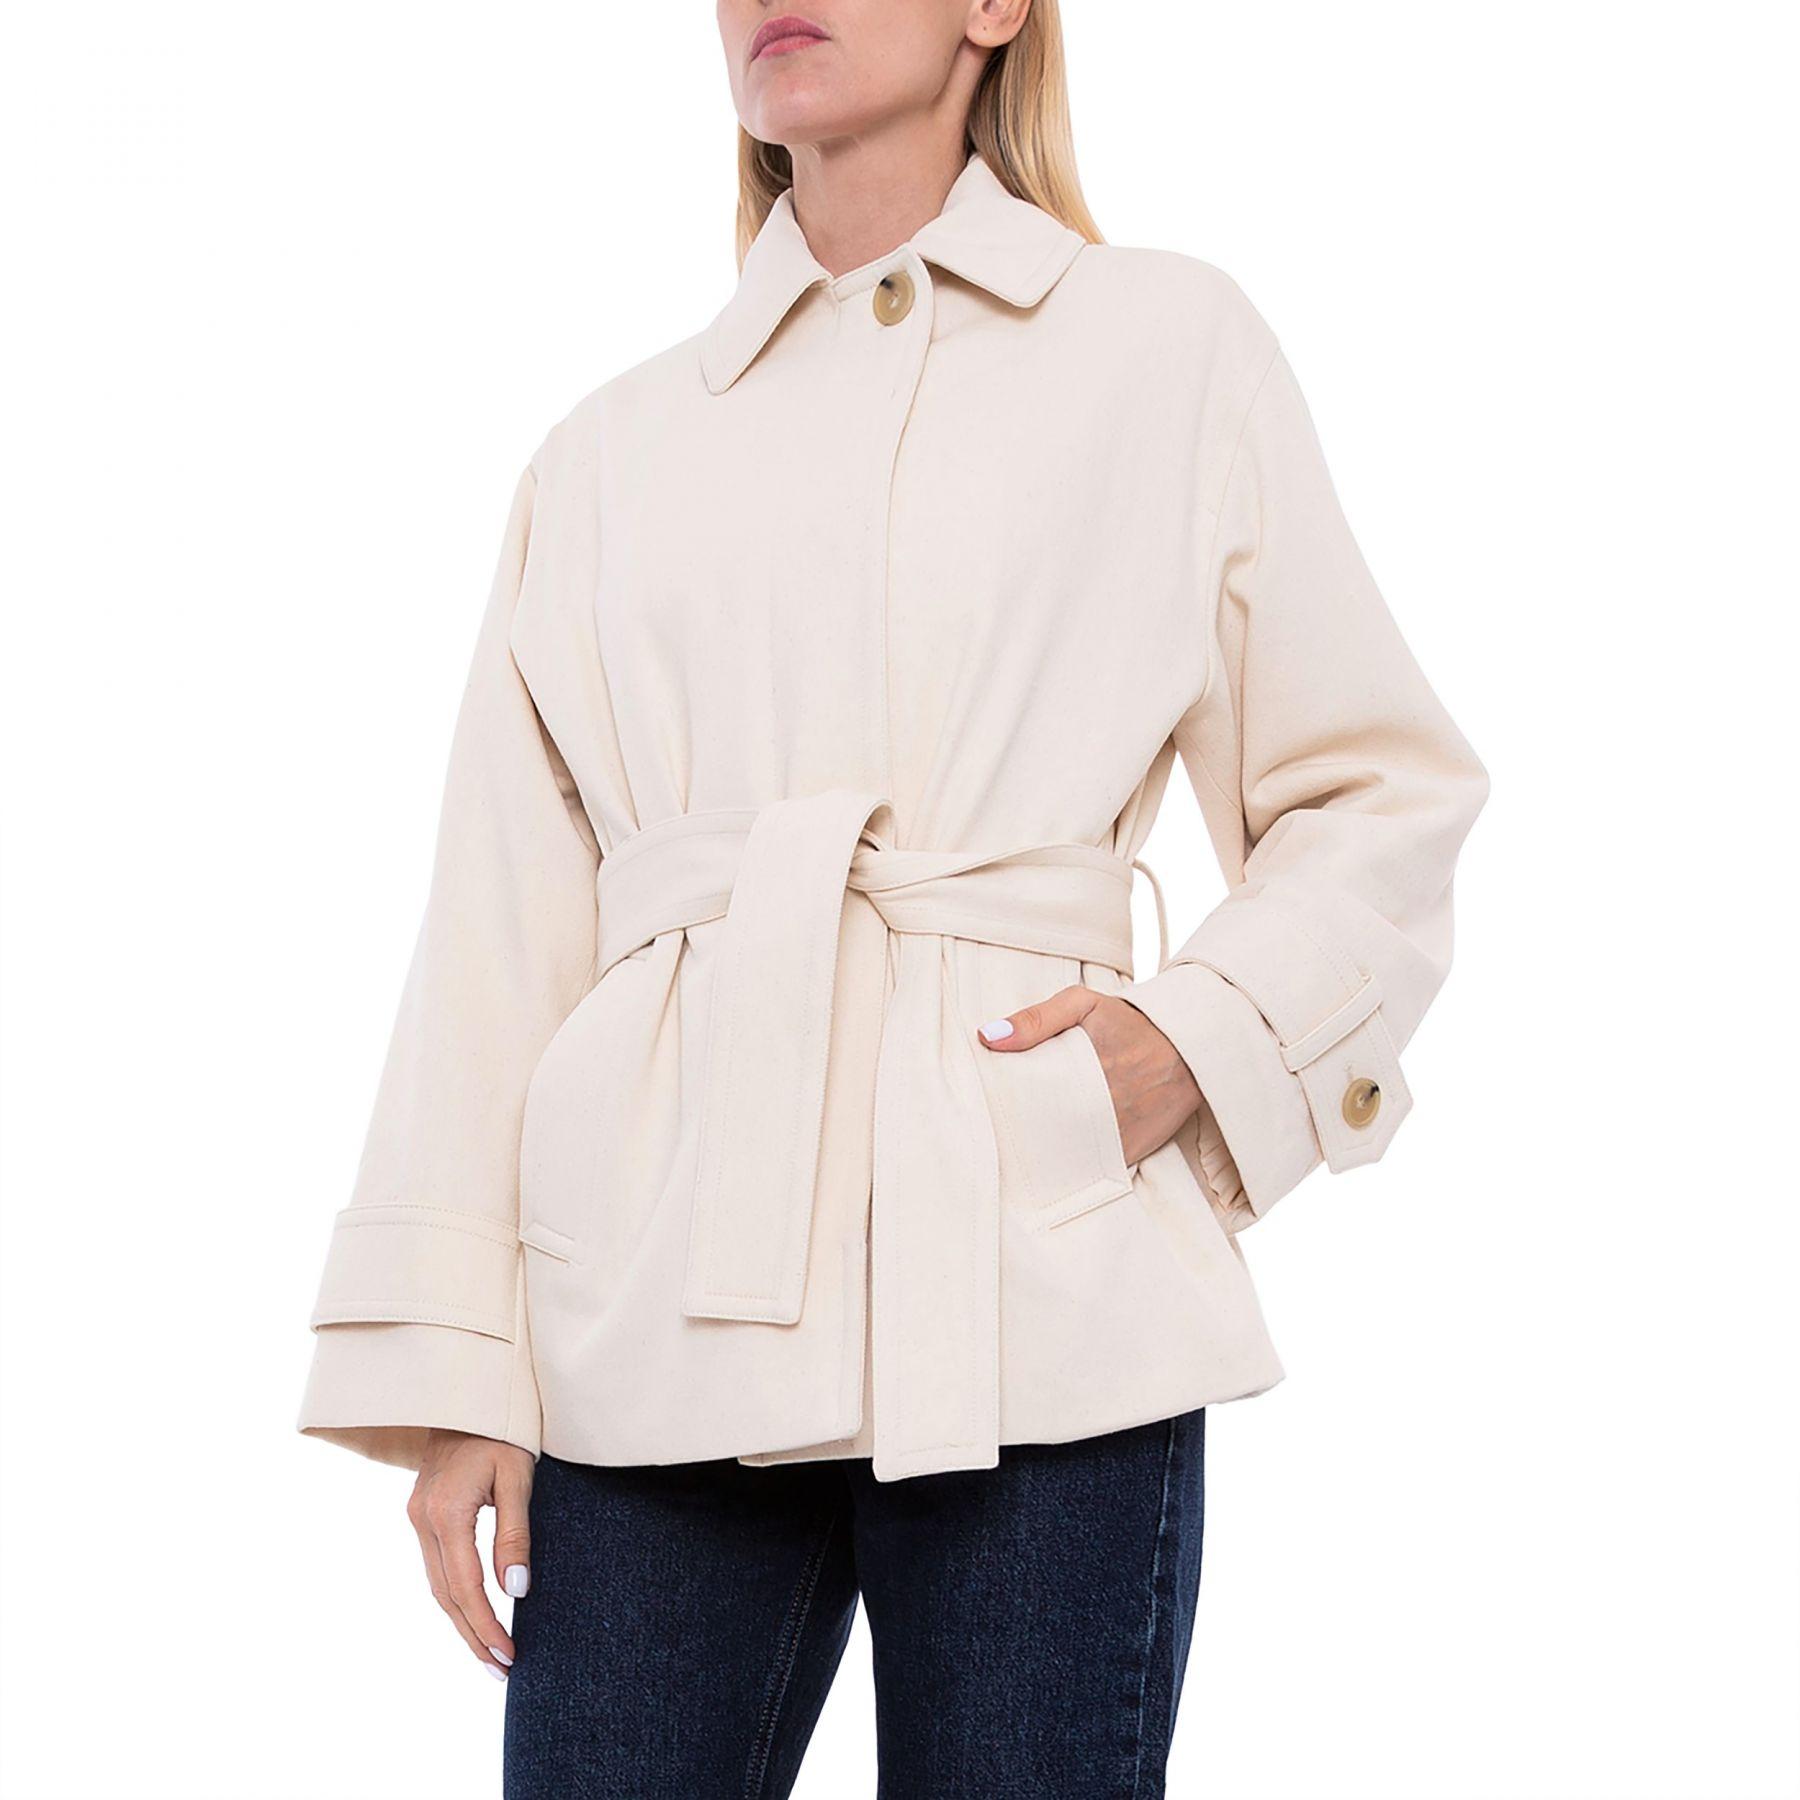 Пальто Vince бело-бежевое